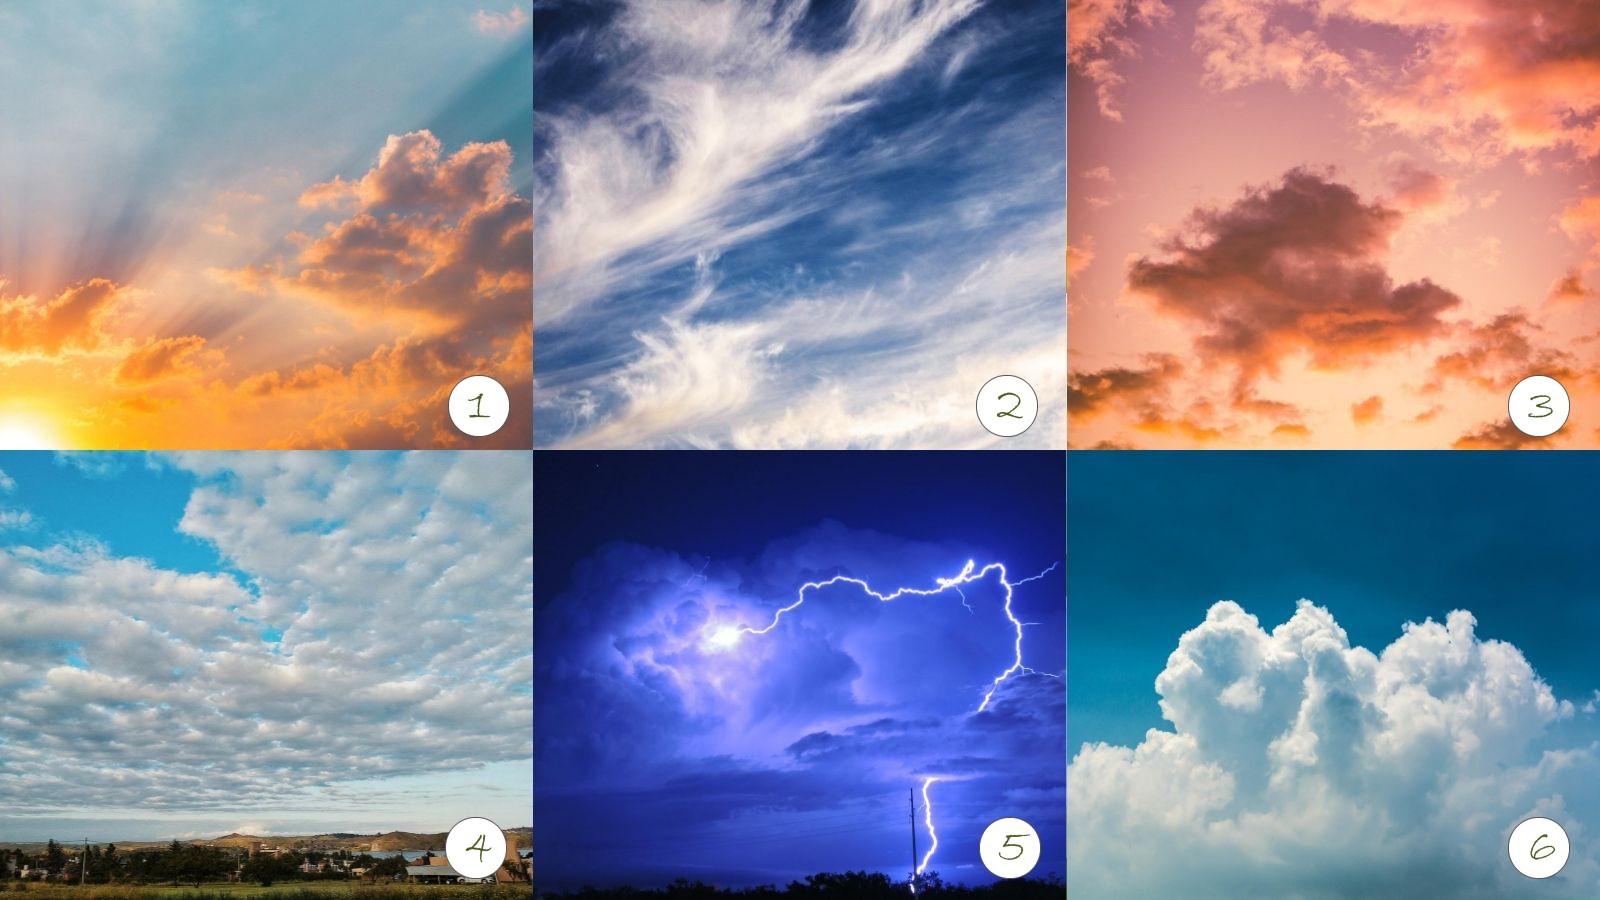 Trắc nghiệm vui: Hình ảnh bầu trời được chọn tiết lộ tính cách tiềm ẩn của bạn